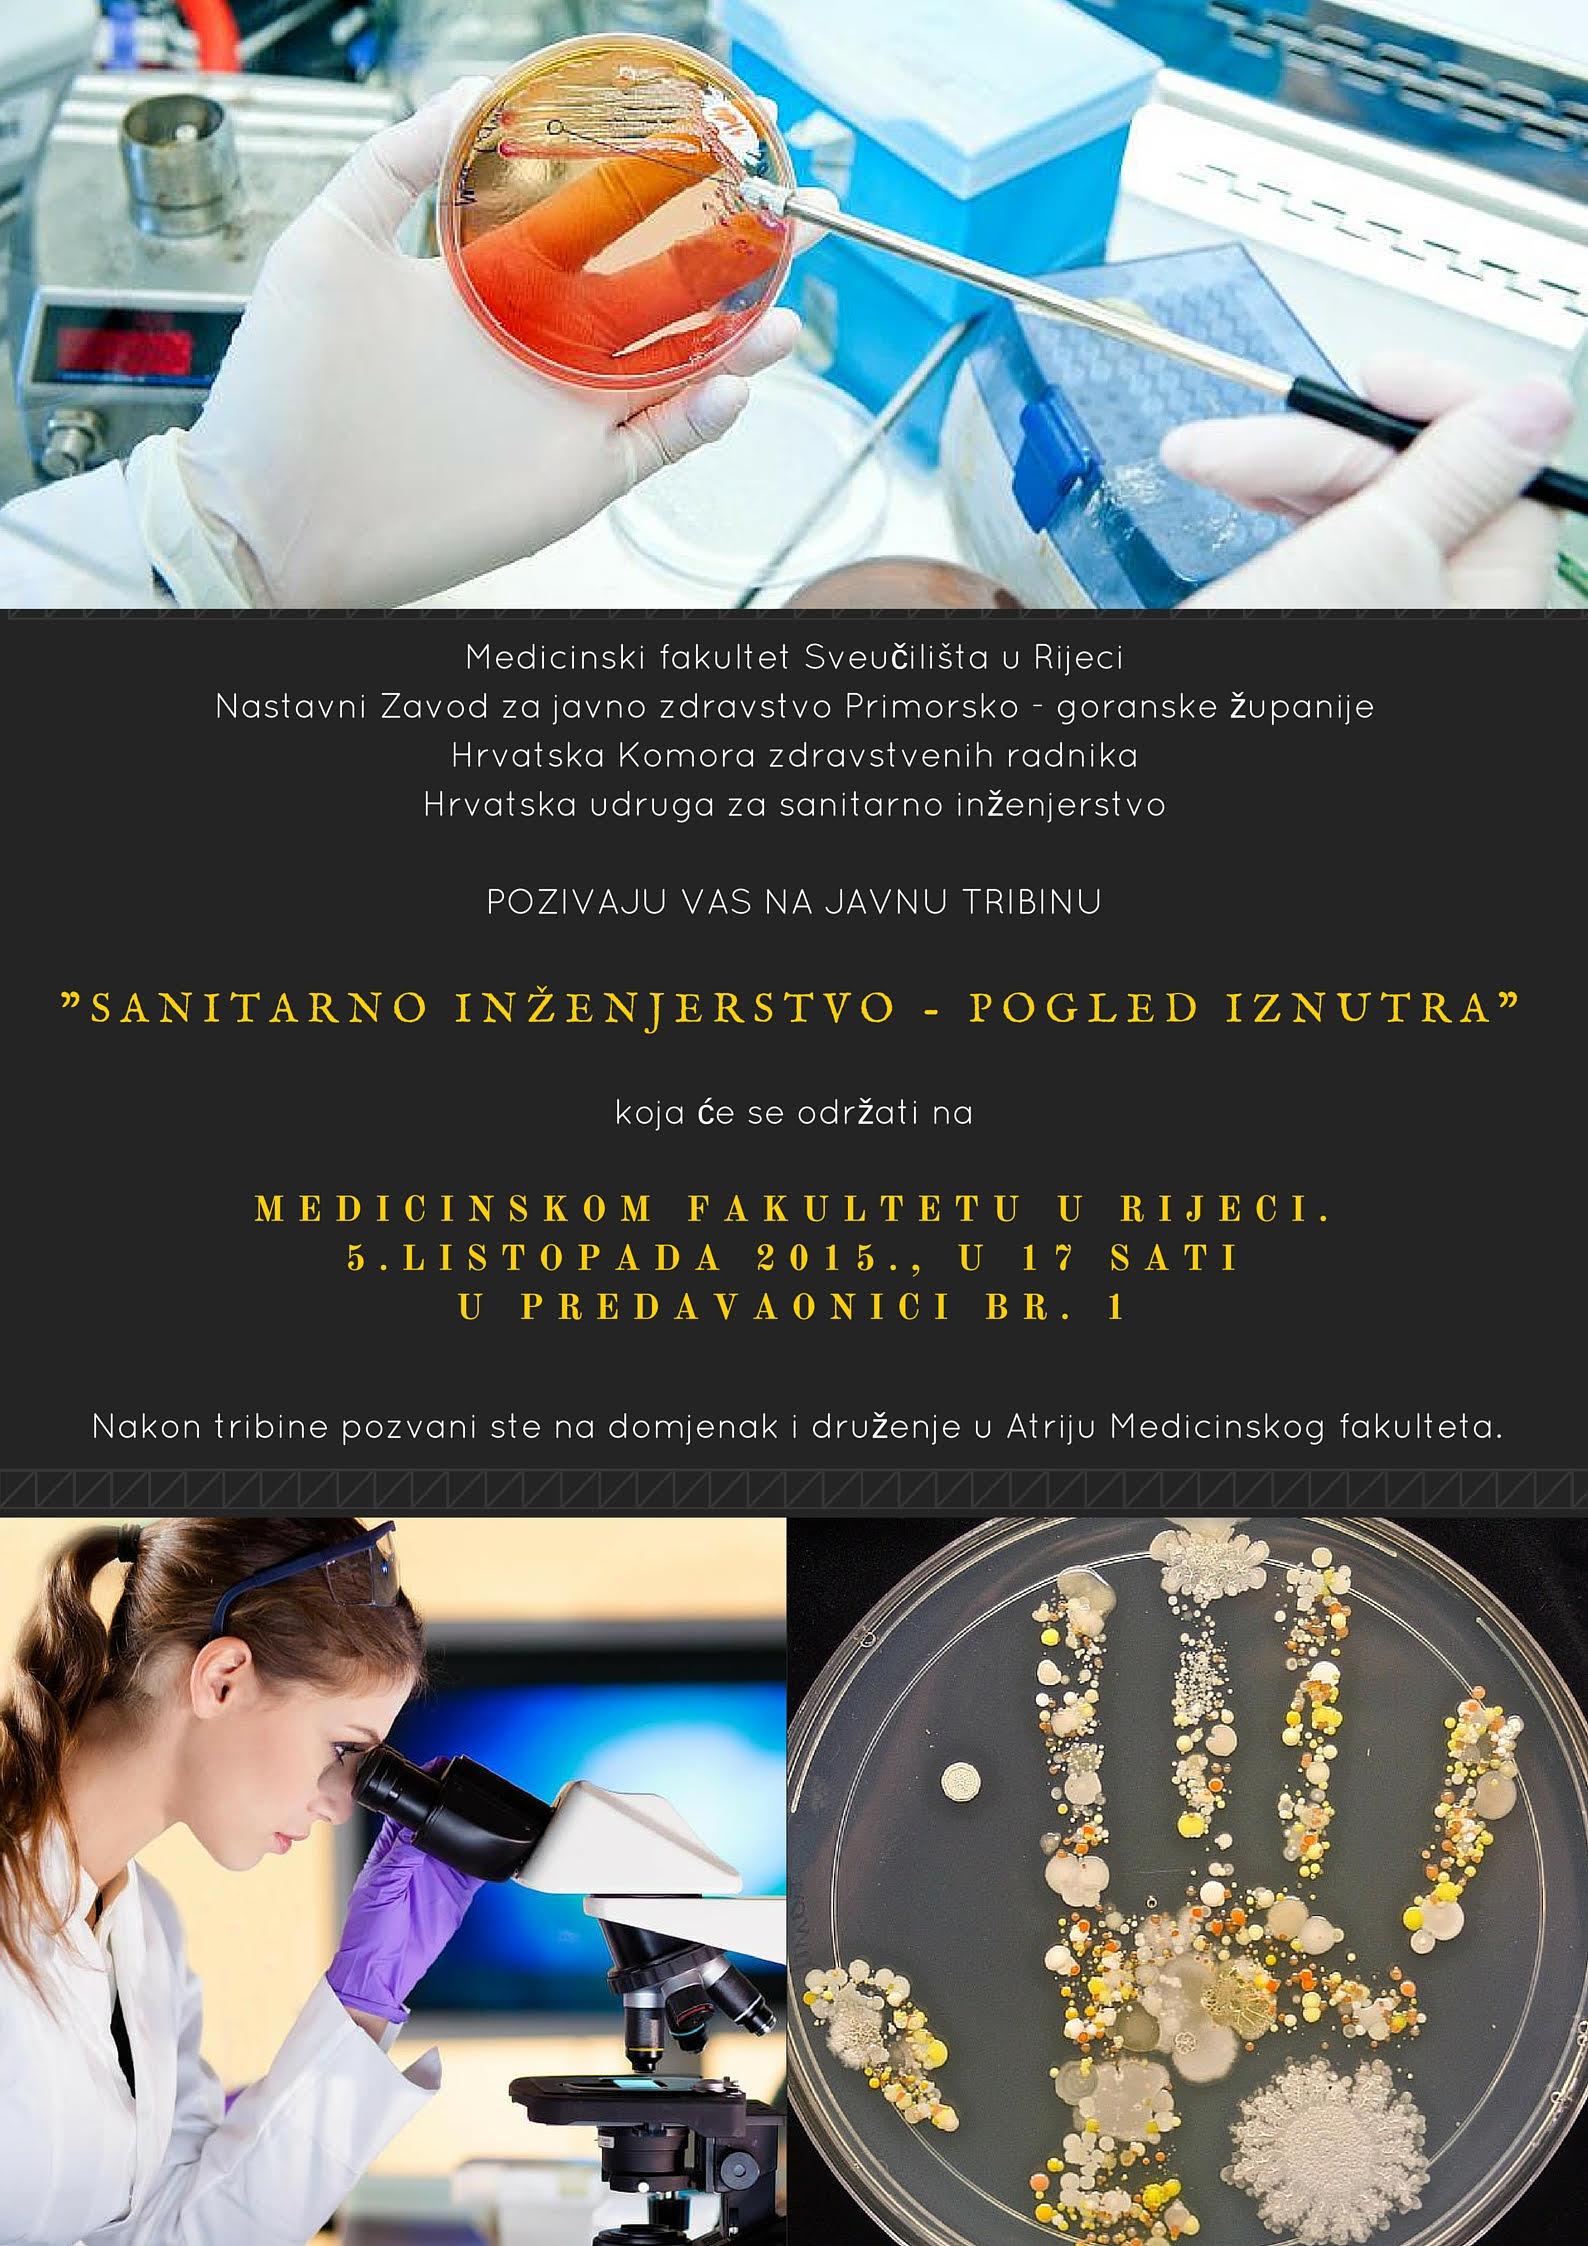 """Javna Tribina """"Sanitarno Inženjerstvo – Pogled Iznutra"""" Medicinski Fakultet Sveučilišta u Rijeci"""